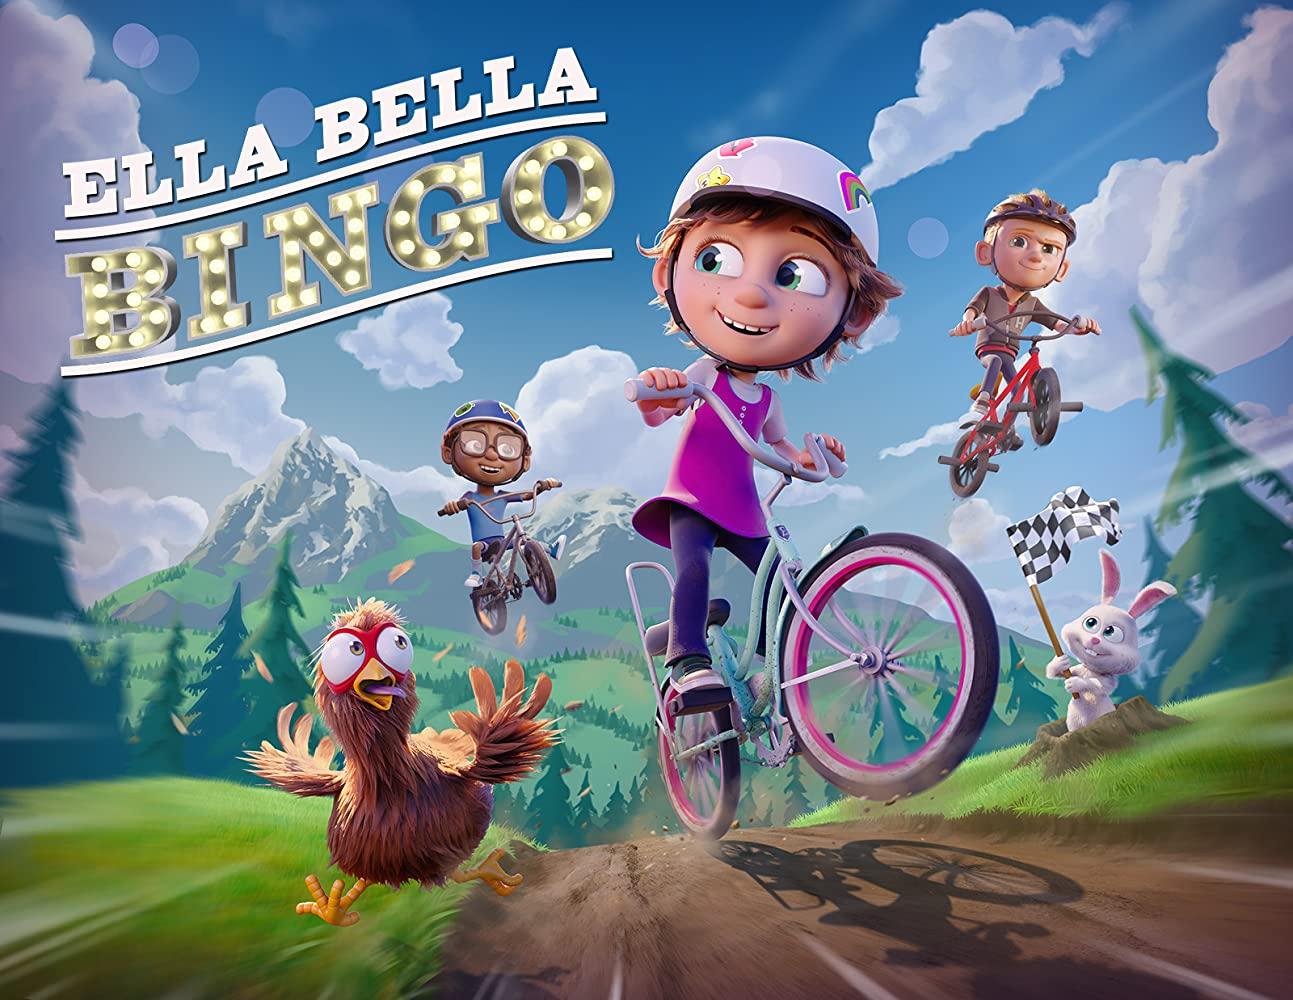 دانلود انیمیشن الا بلا بینگو Ella Bella Bingo 2020 دوبله فارسی